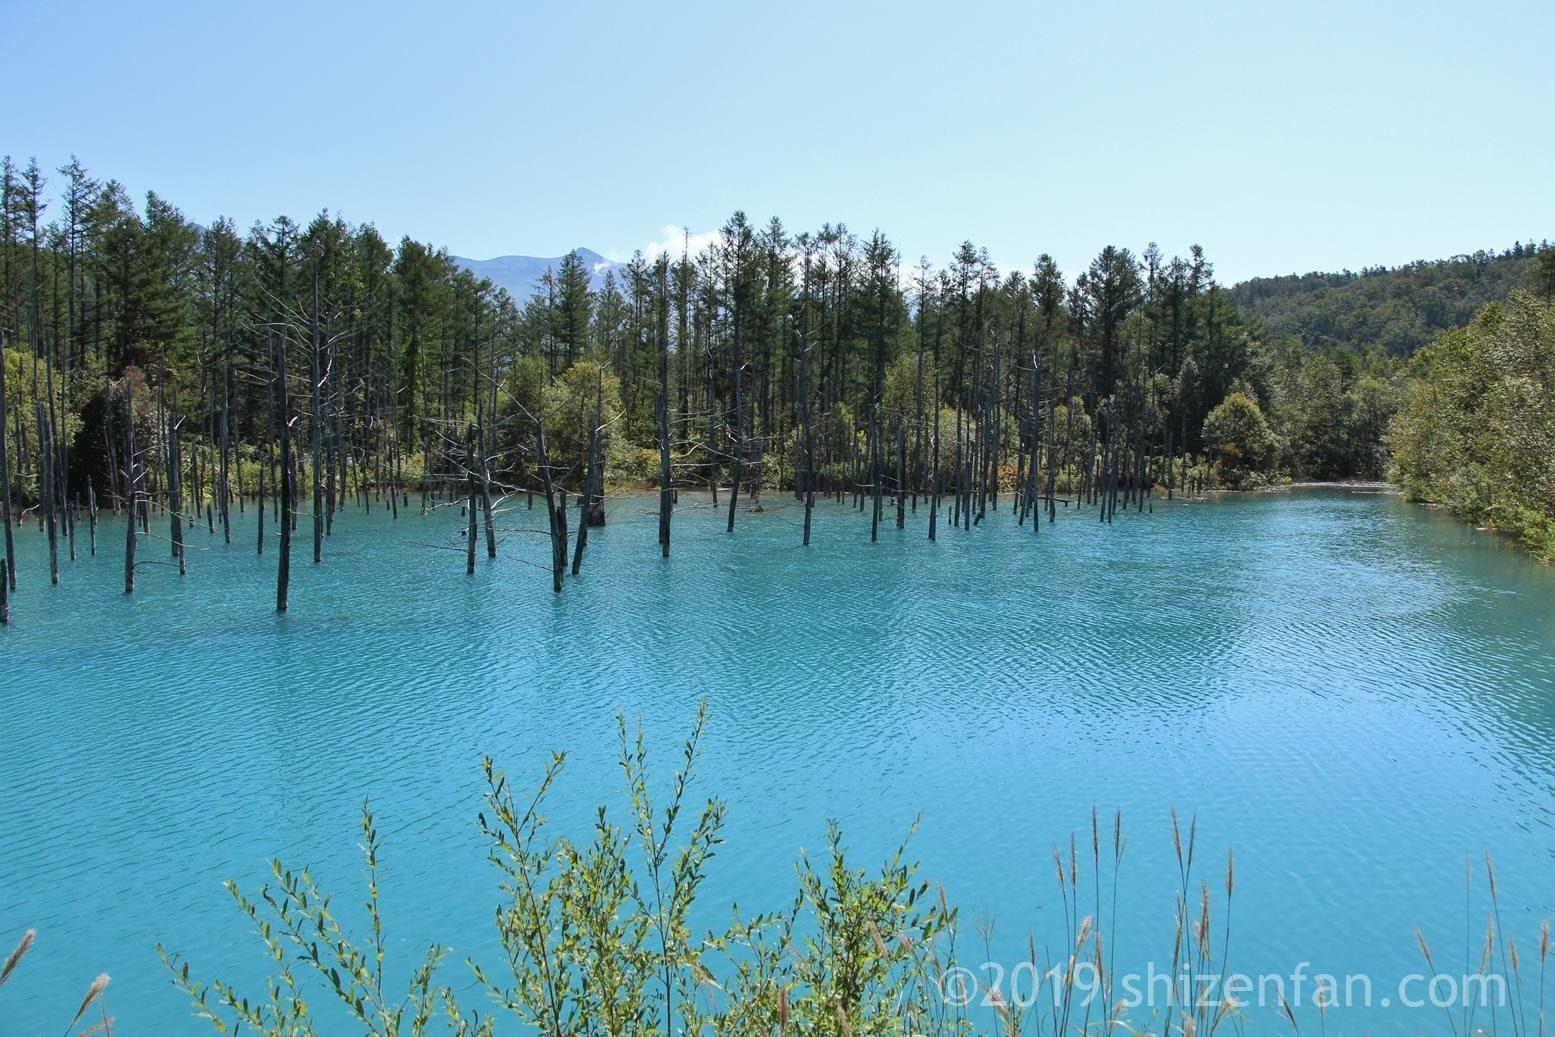 晴れた日の美瑛の青い池、背景にうっすら十勝岳と噴煙、やや斜めアングル